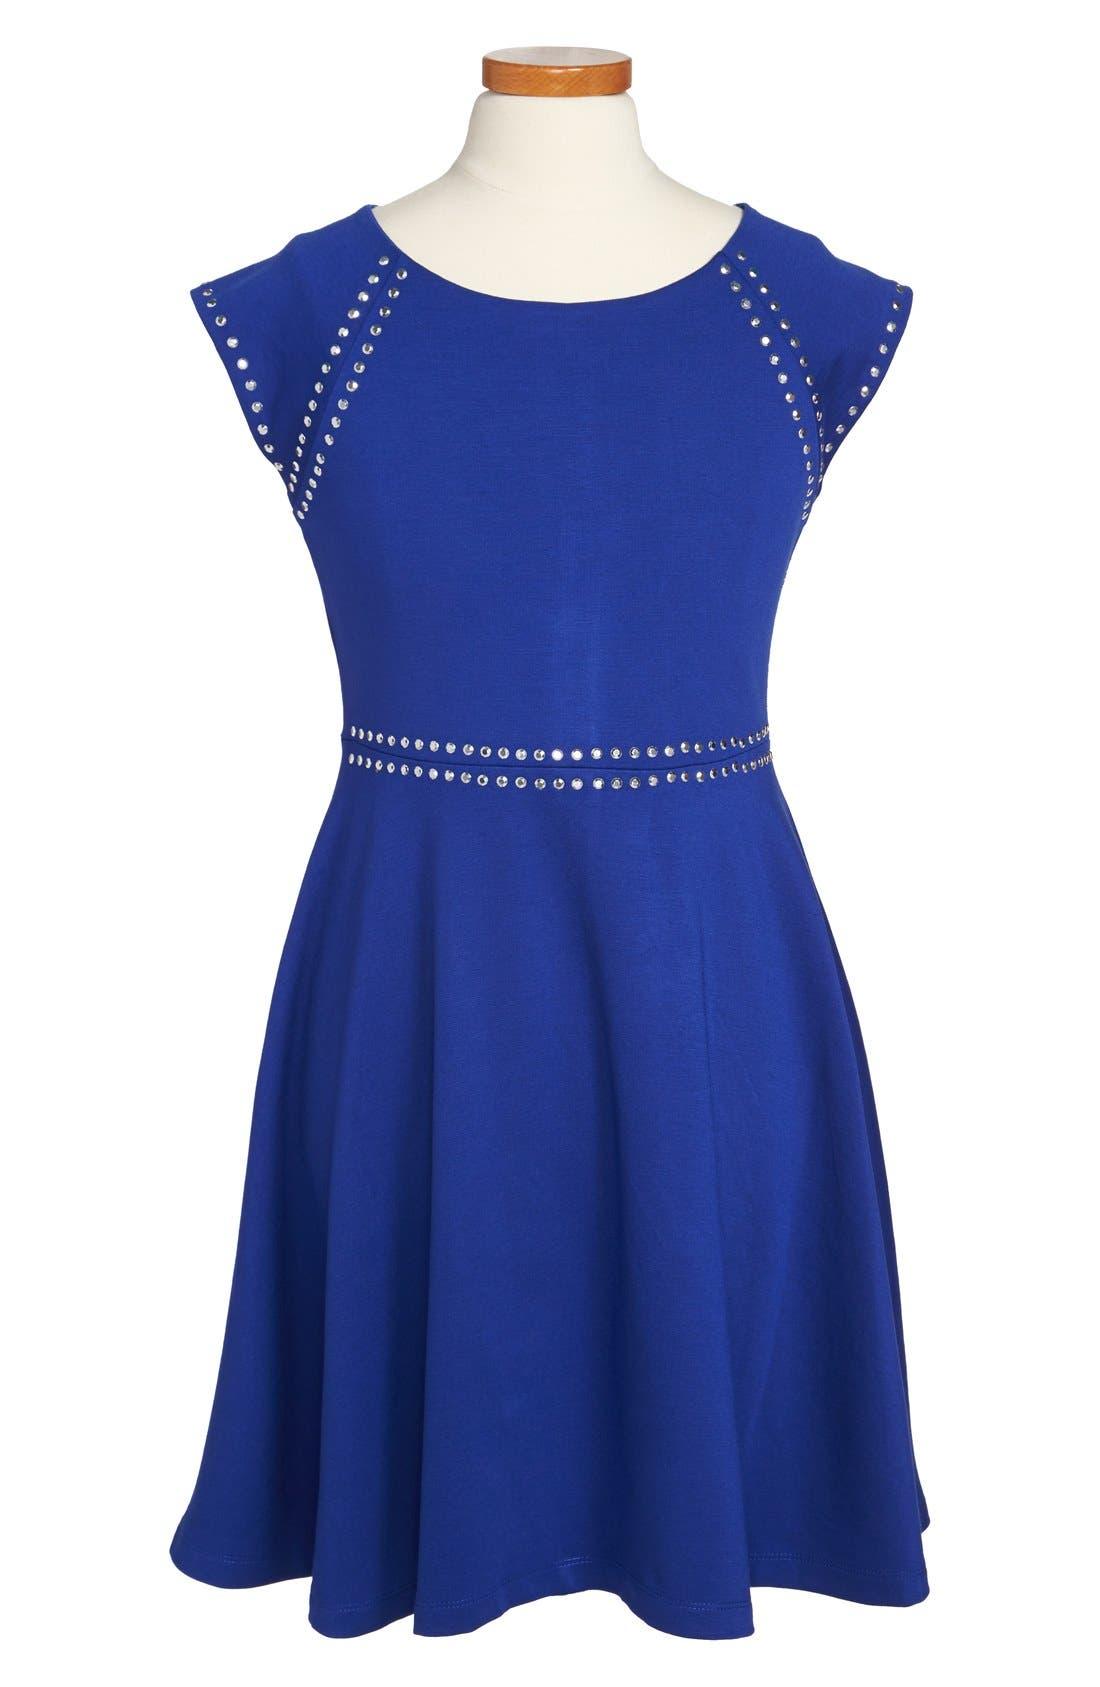 Alternate Image 1 Selected - Nicole Miller Studded Skater Dress (Big Girls)